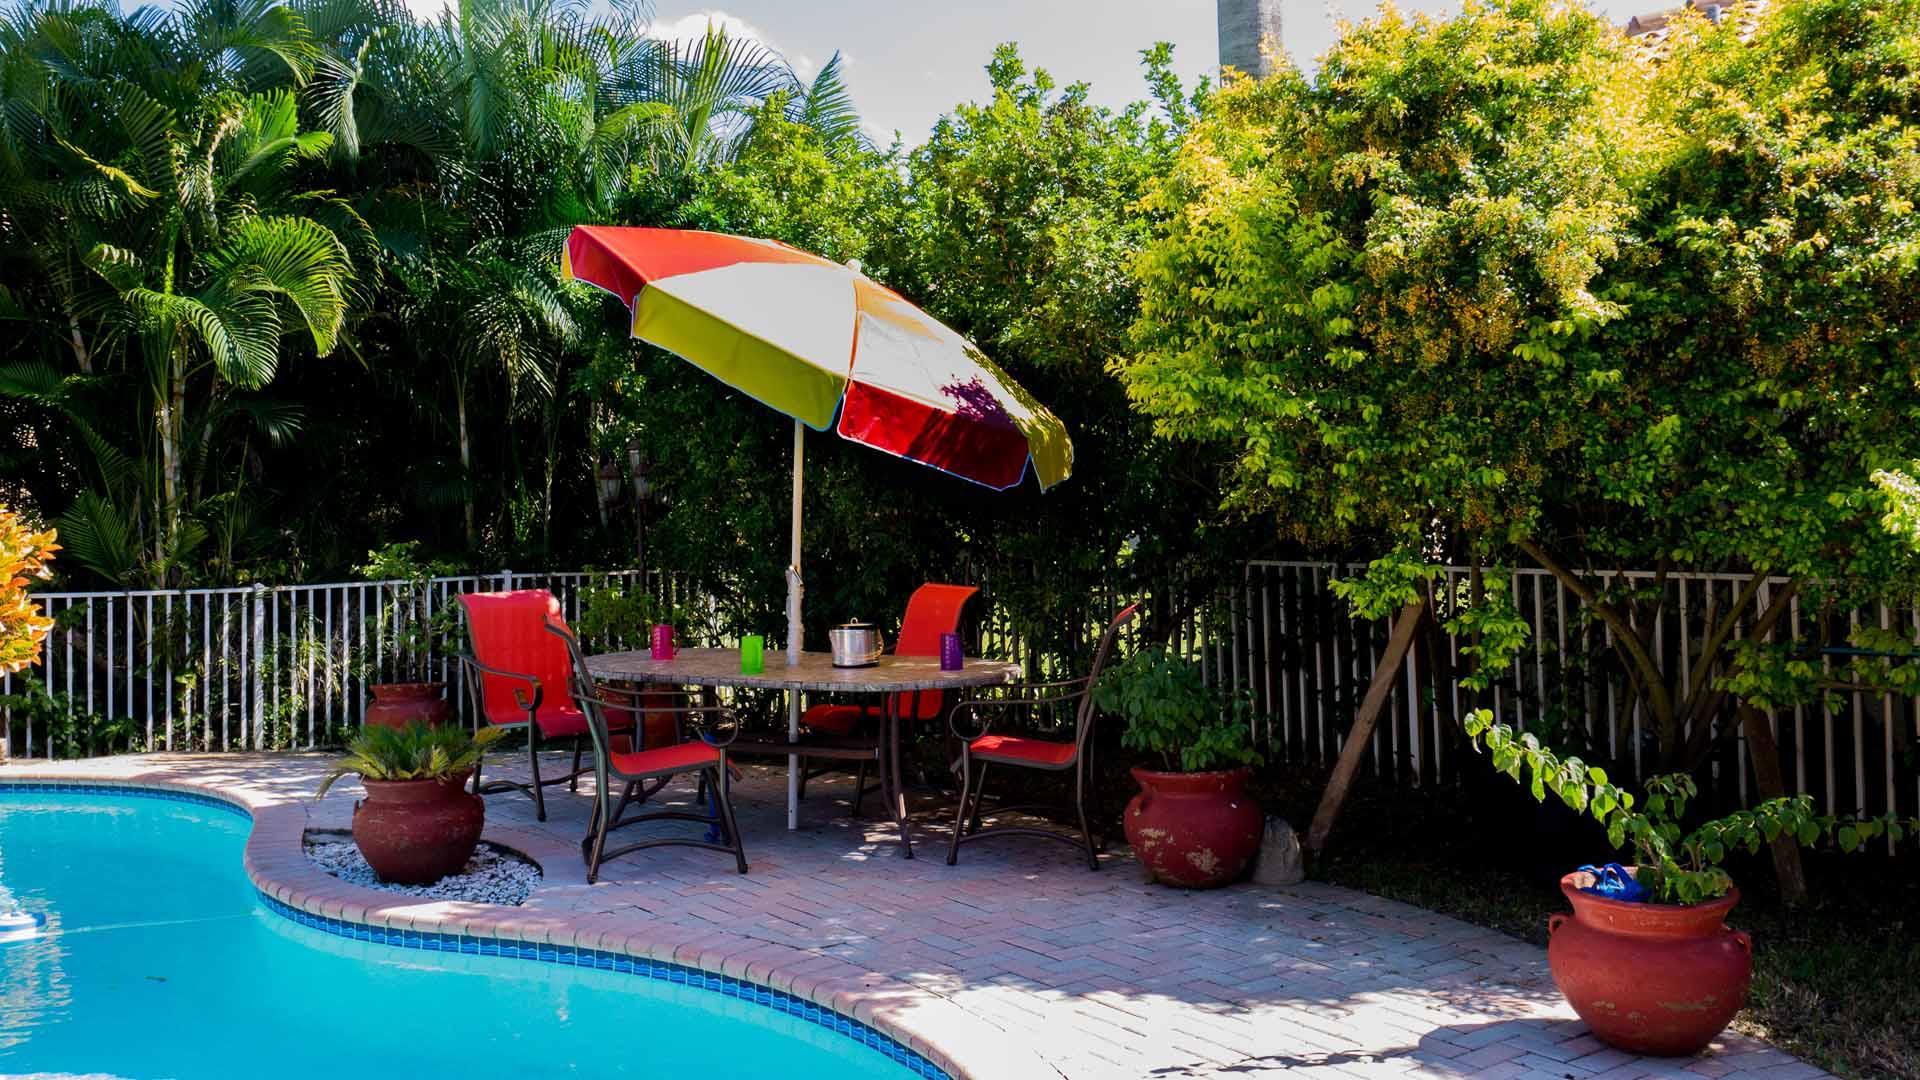 About Miami Beach Boca Raton Delray Schnupp Umbrellas